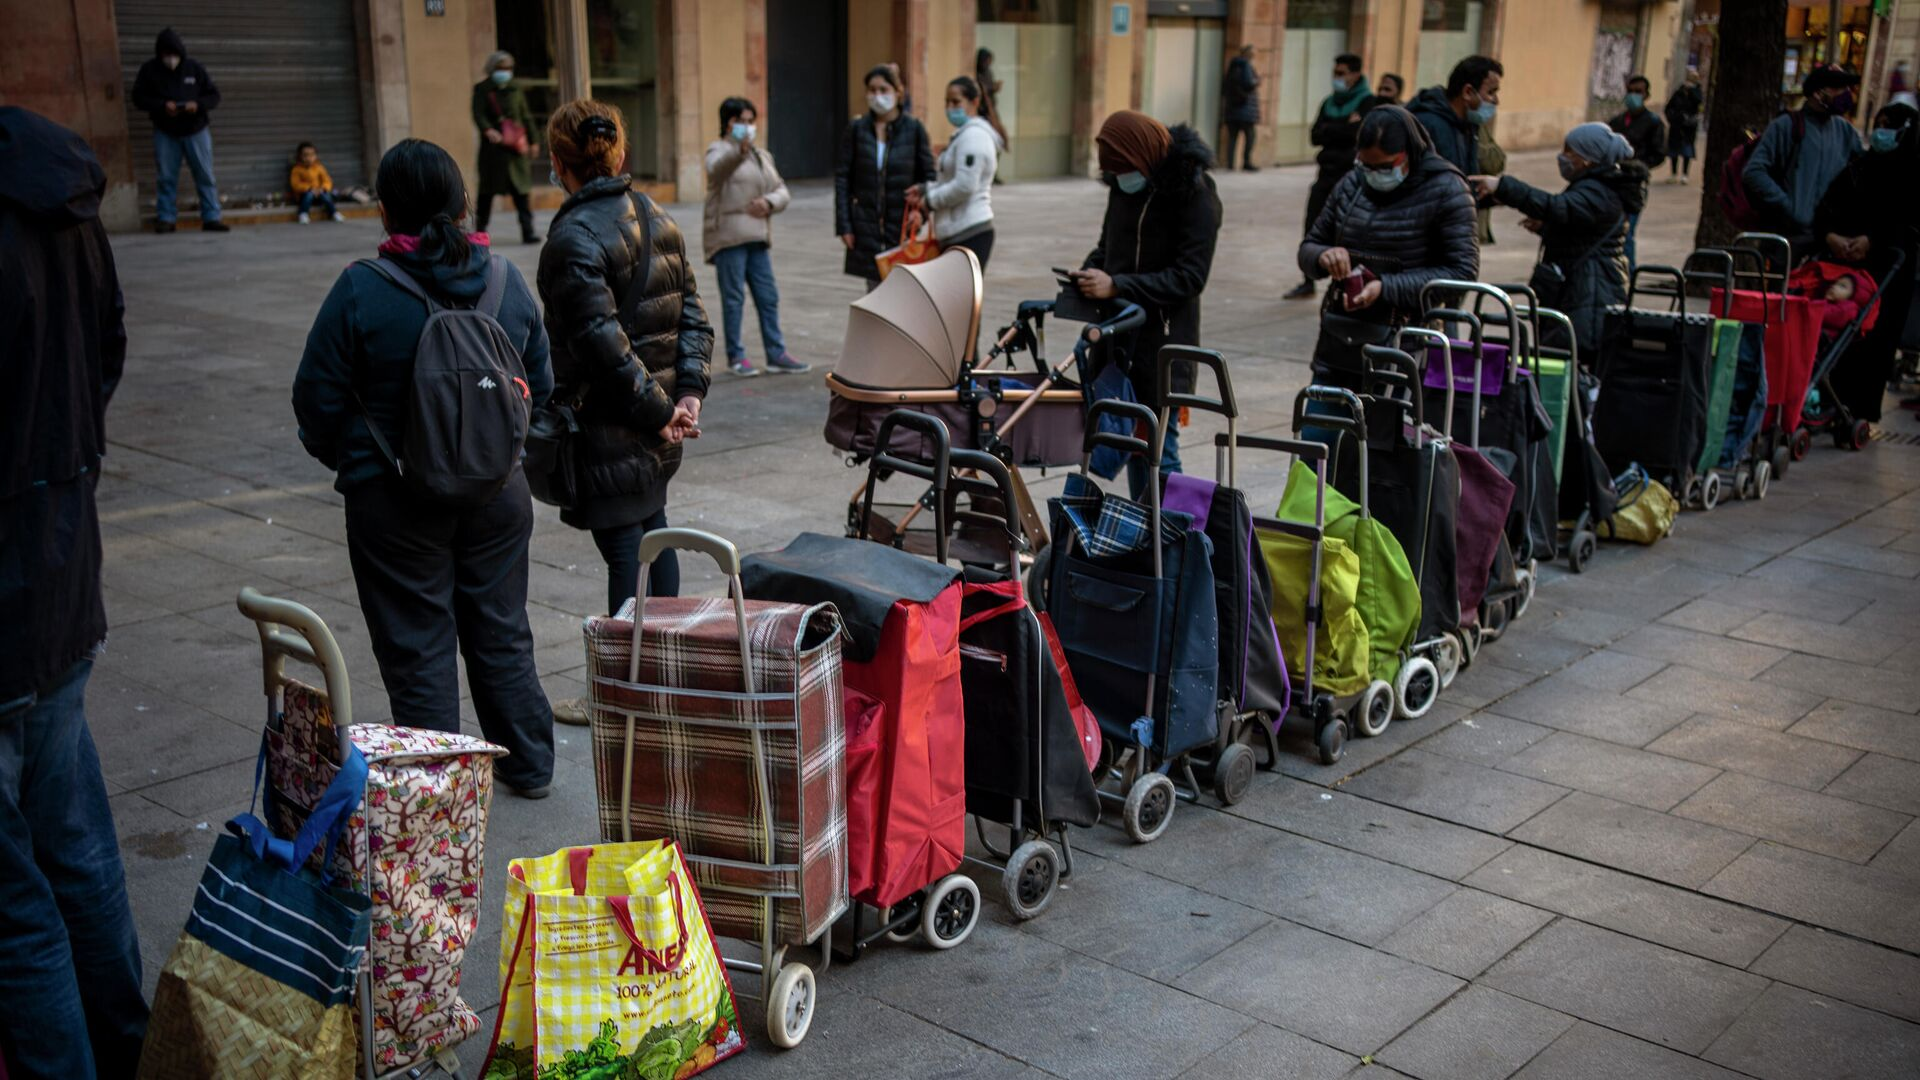 Carritos de compras alineados junto a sus dueños, esperando su turno para recibir un paquete semanal de alimentos y suministros donados, afuera de una iglesia en Barcelona, España, el miércoles 3 de febrero de 2021. - Sputnik Mundo, 1920, 06.04.2021